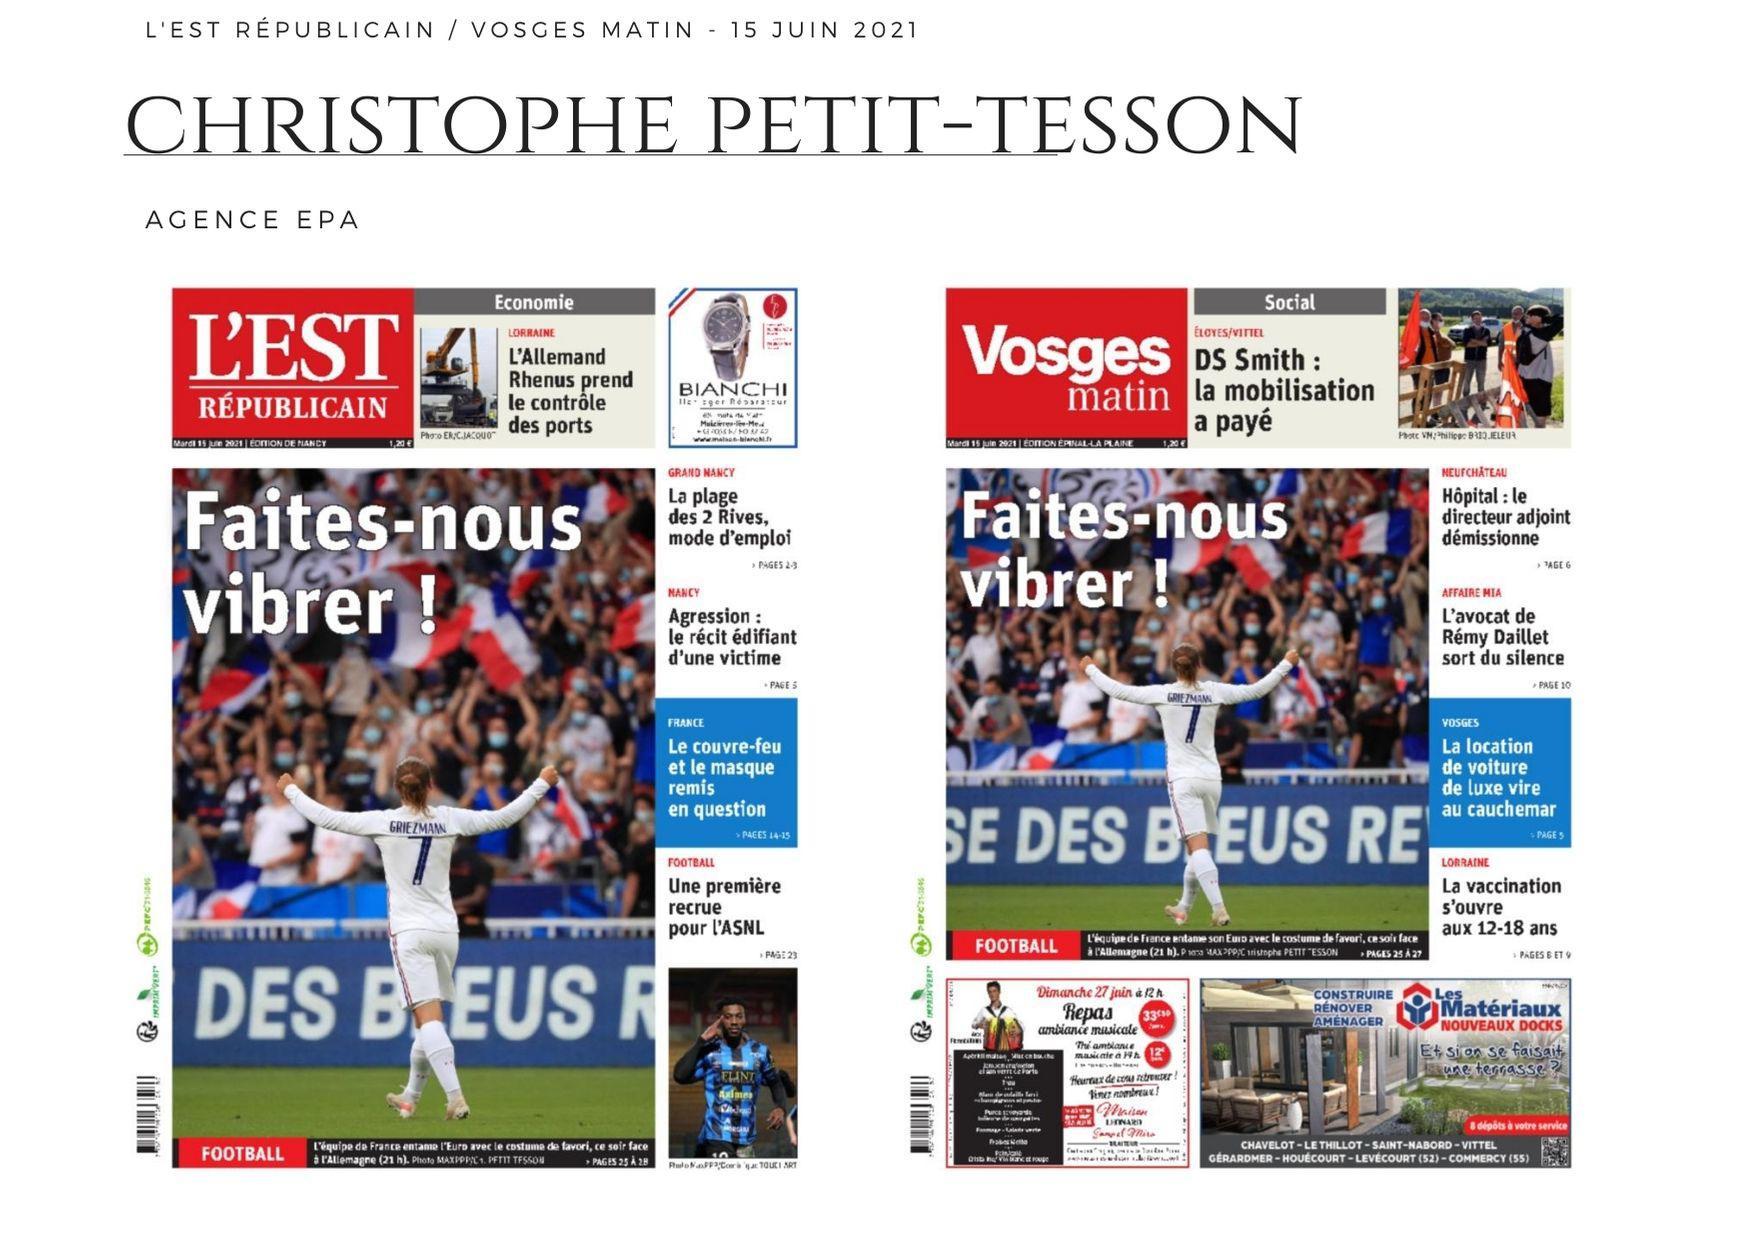 L'Est Républicain - Vosges Matin - 15 juin 2021